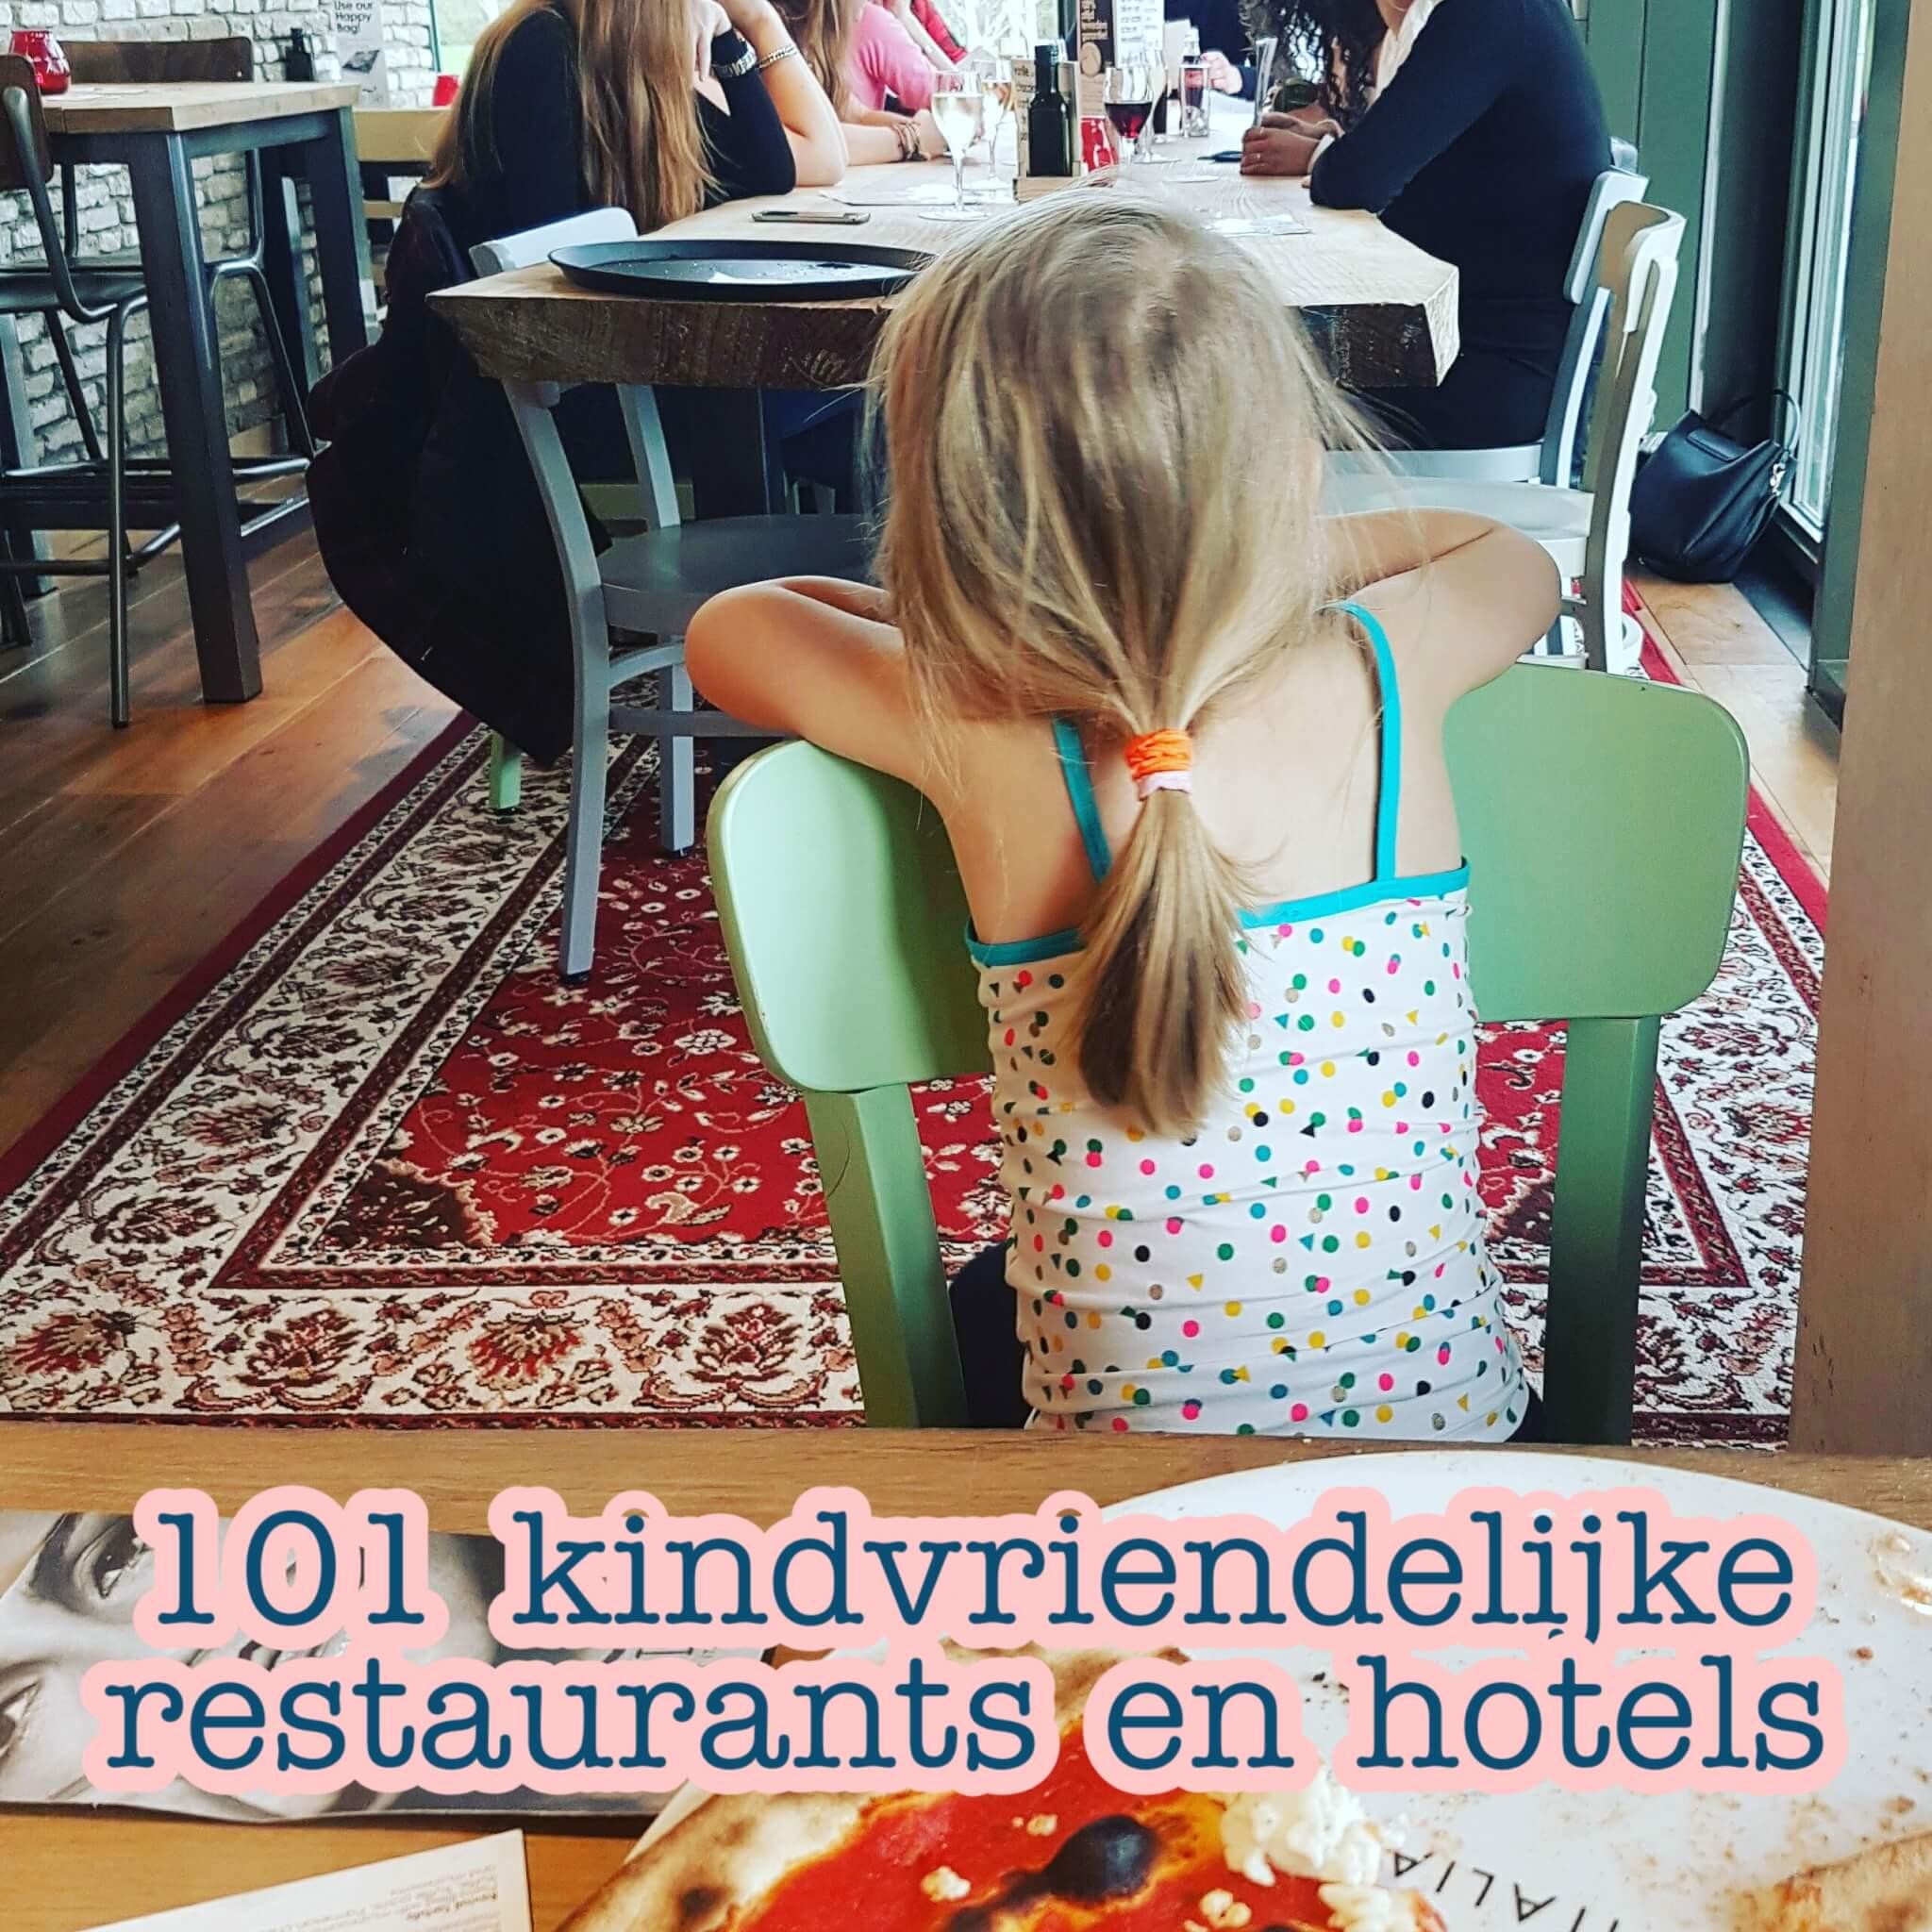 Kindvriendelijke restaurants en hotels: uit eten en slapen met kinderen